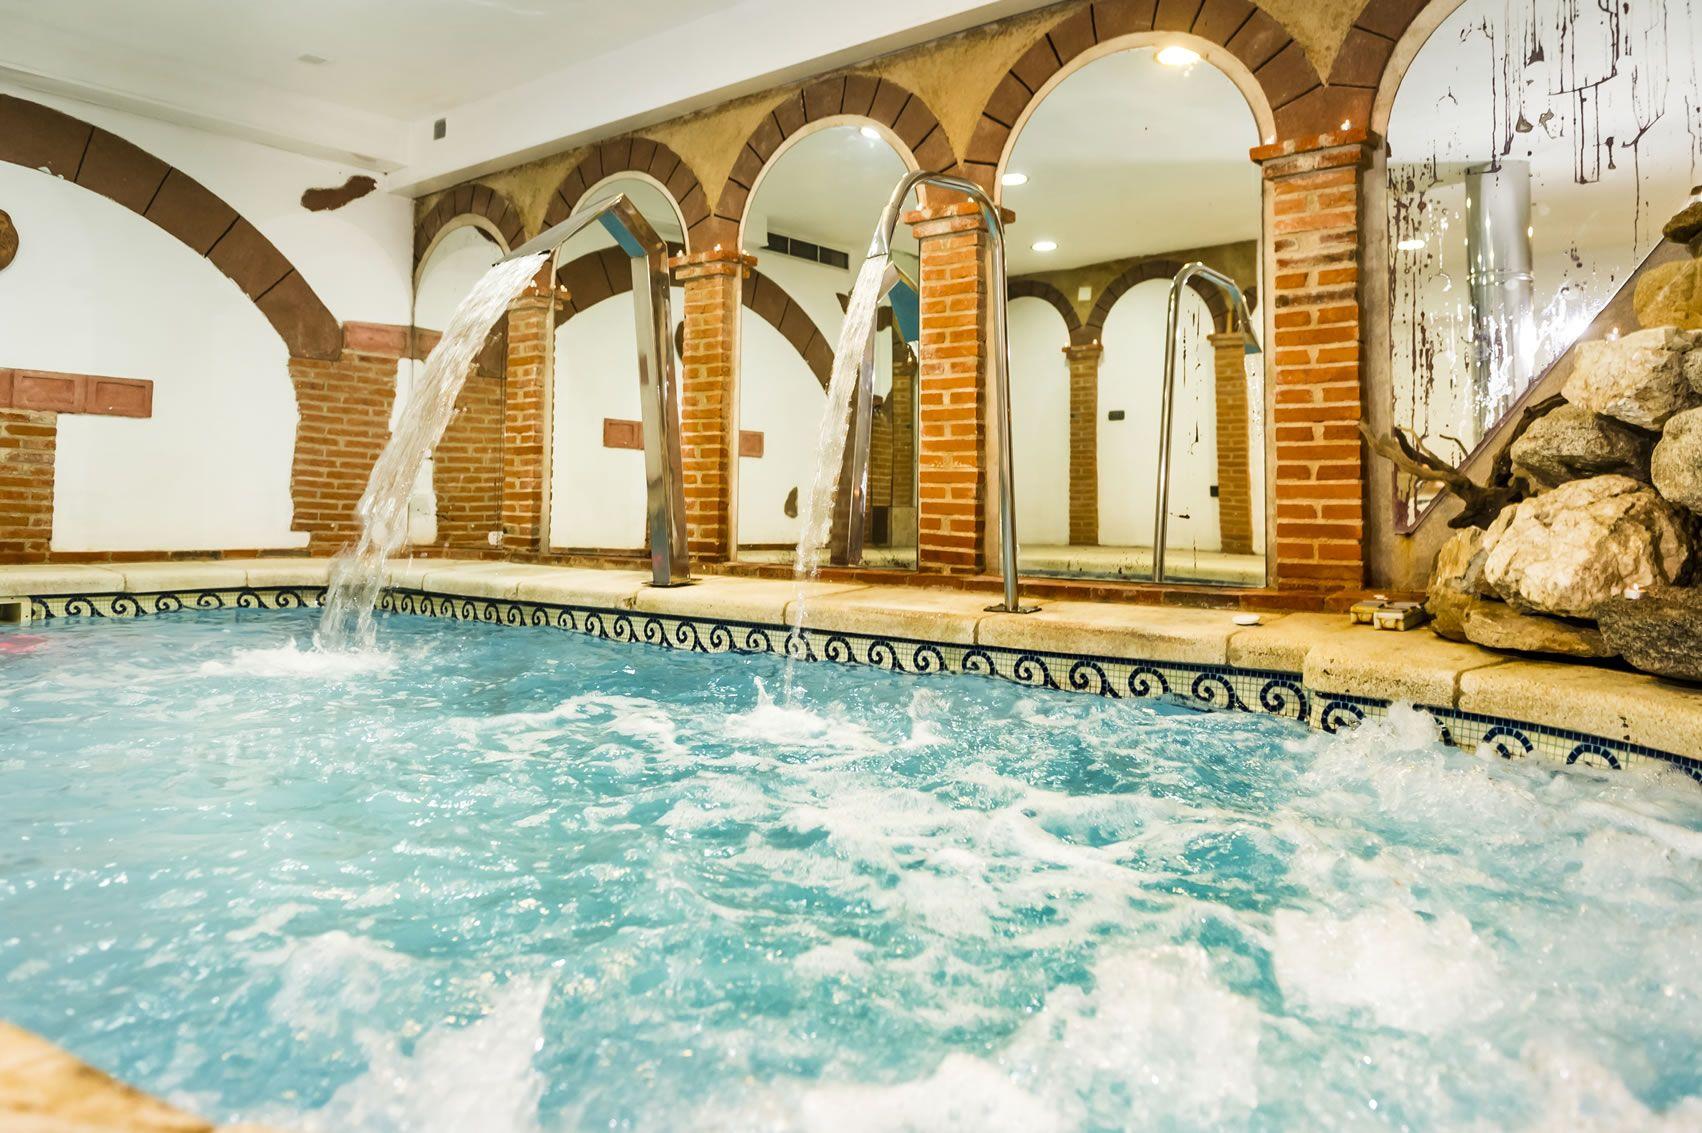 M s de ideas incre bles sobre Casa rural piscina climatizada en